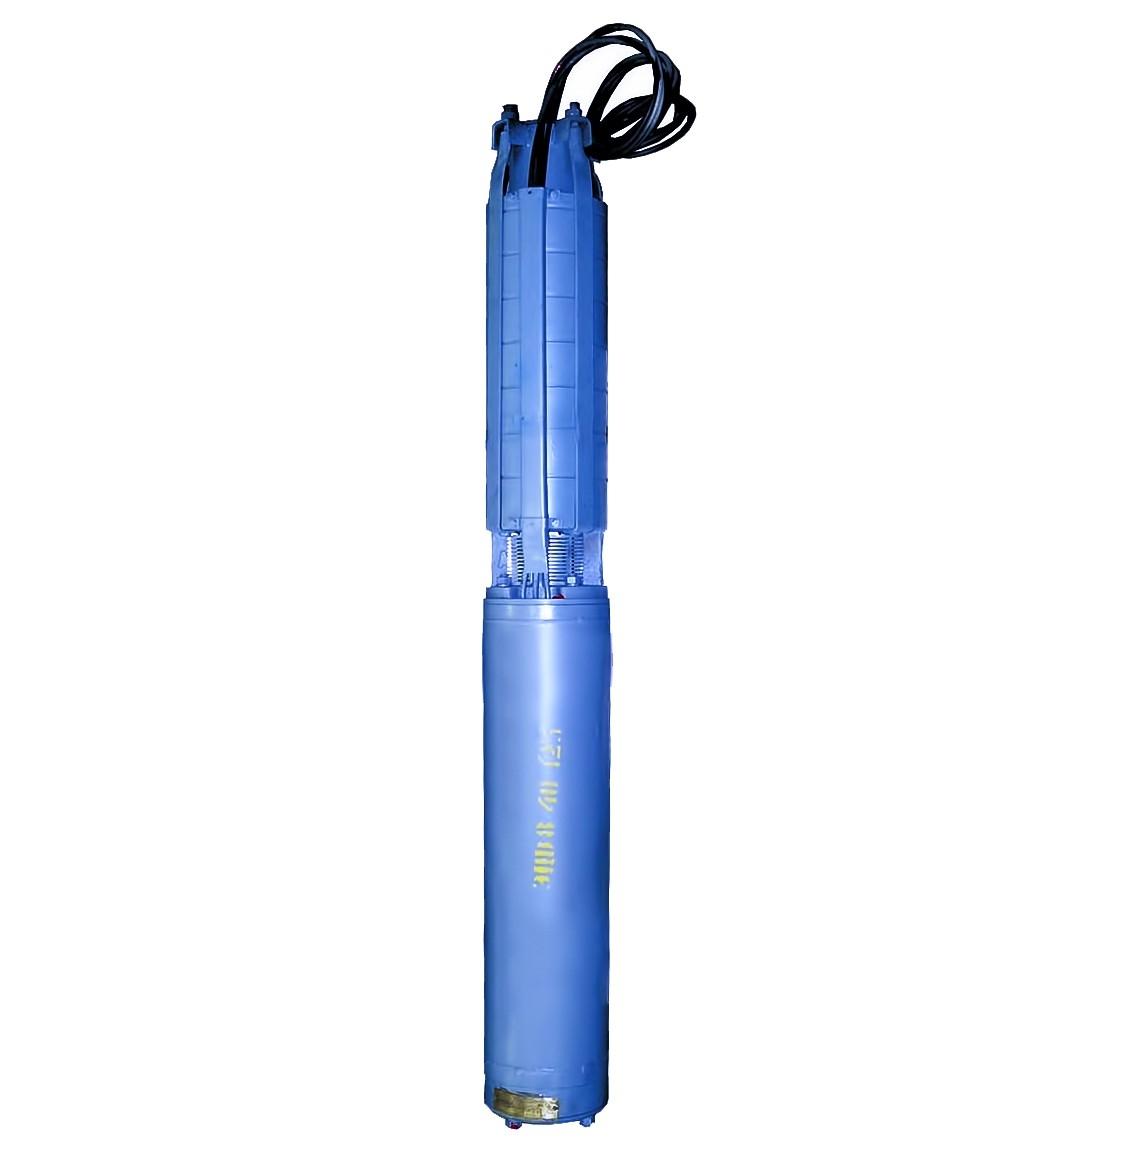 Погружной насос ЭЦВ 10-160-150 нро